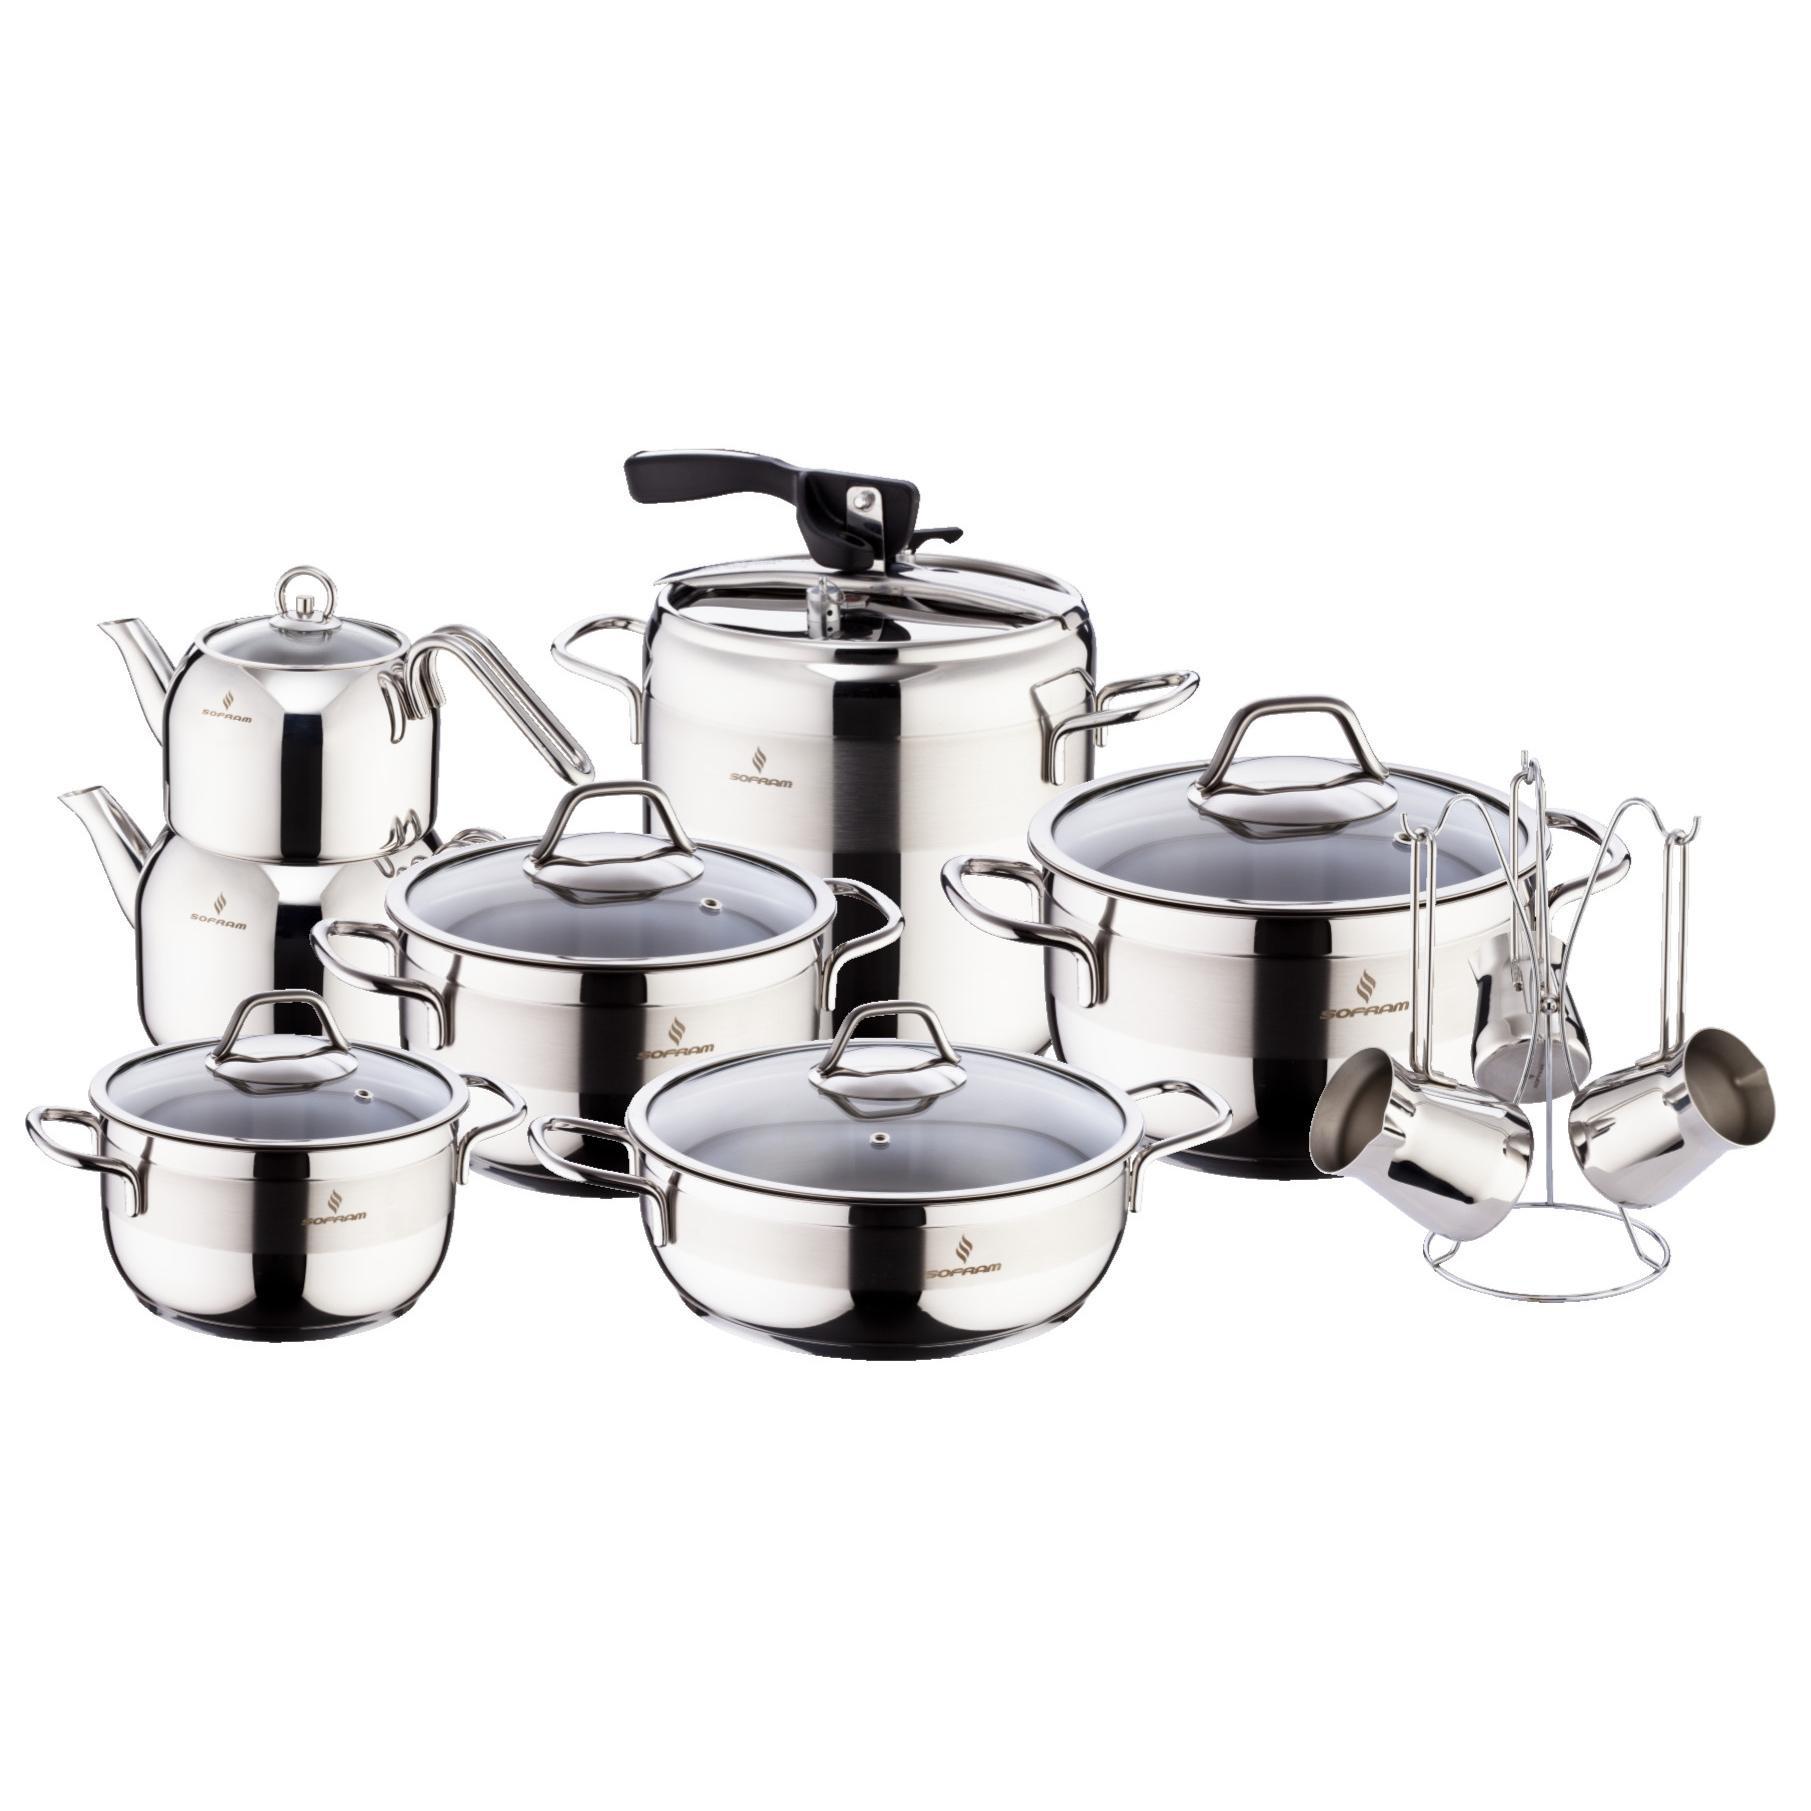 Sofram SOFT 18 Pieces Cookware Set